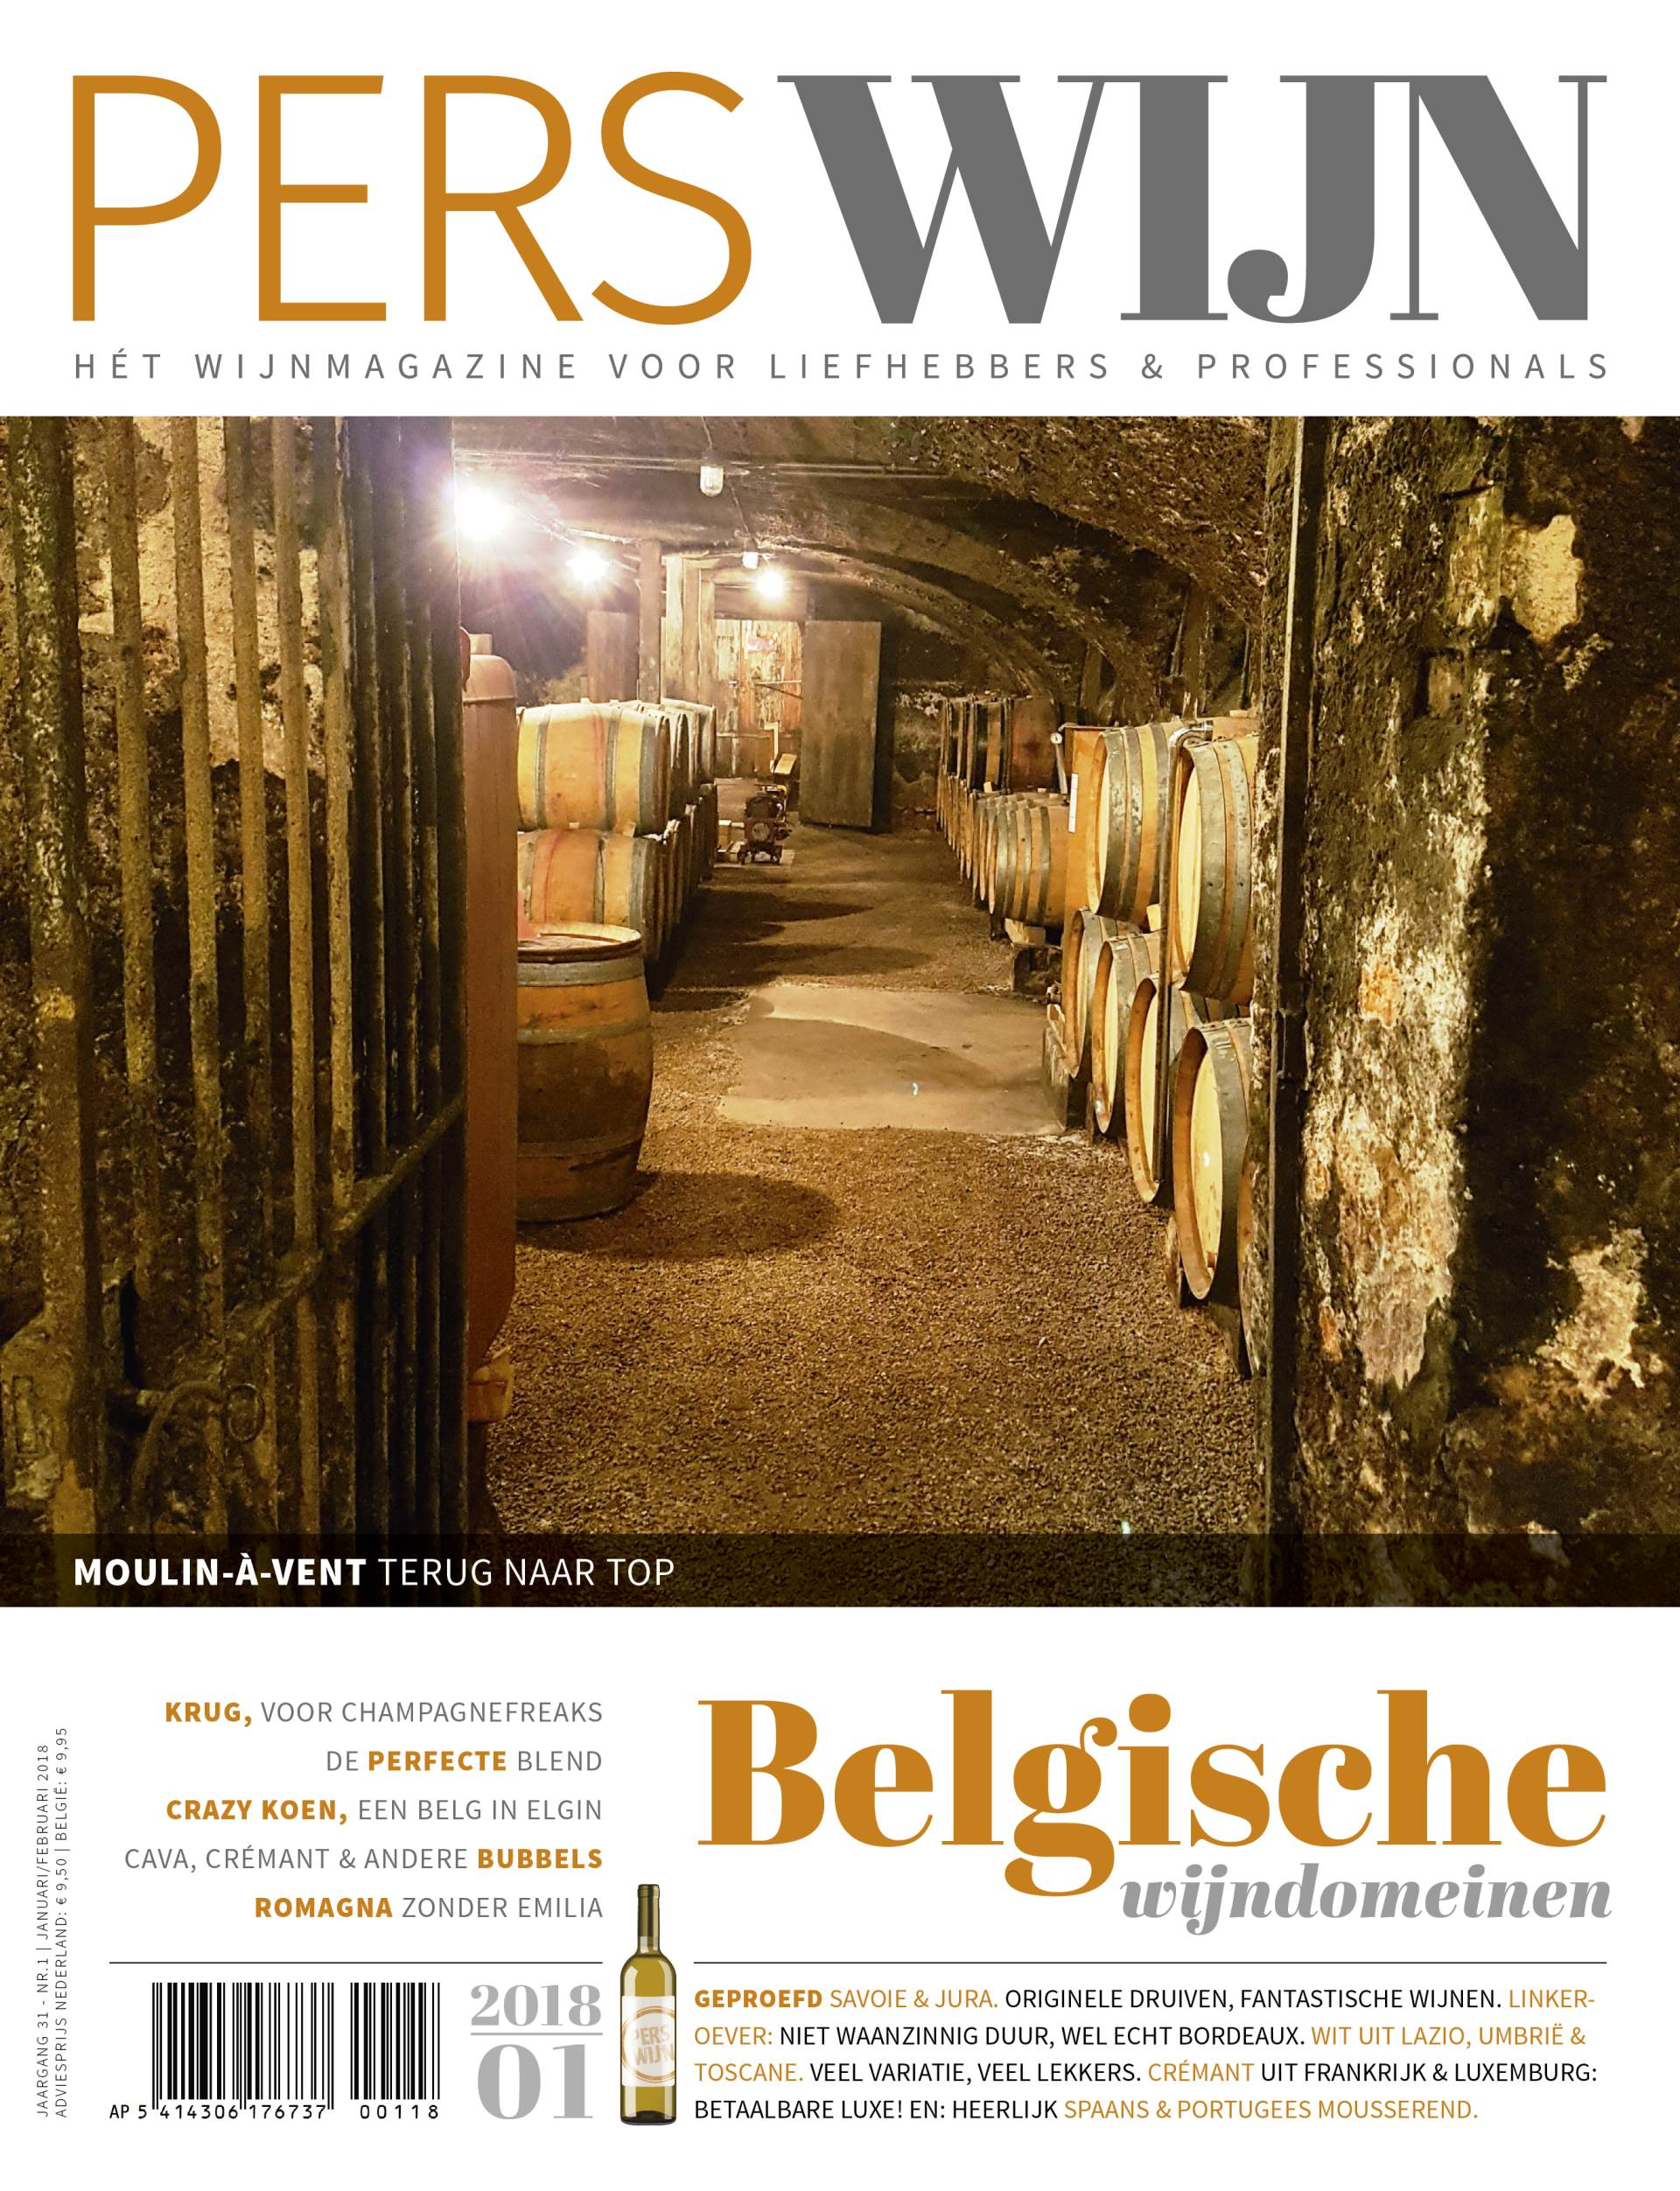 Perswijn 1 magazine